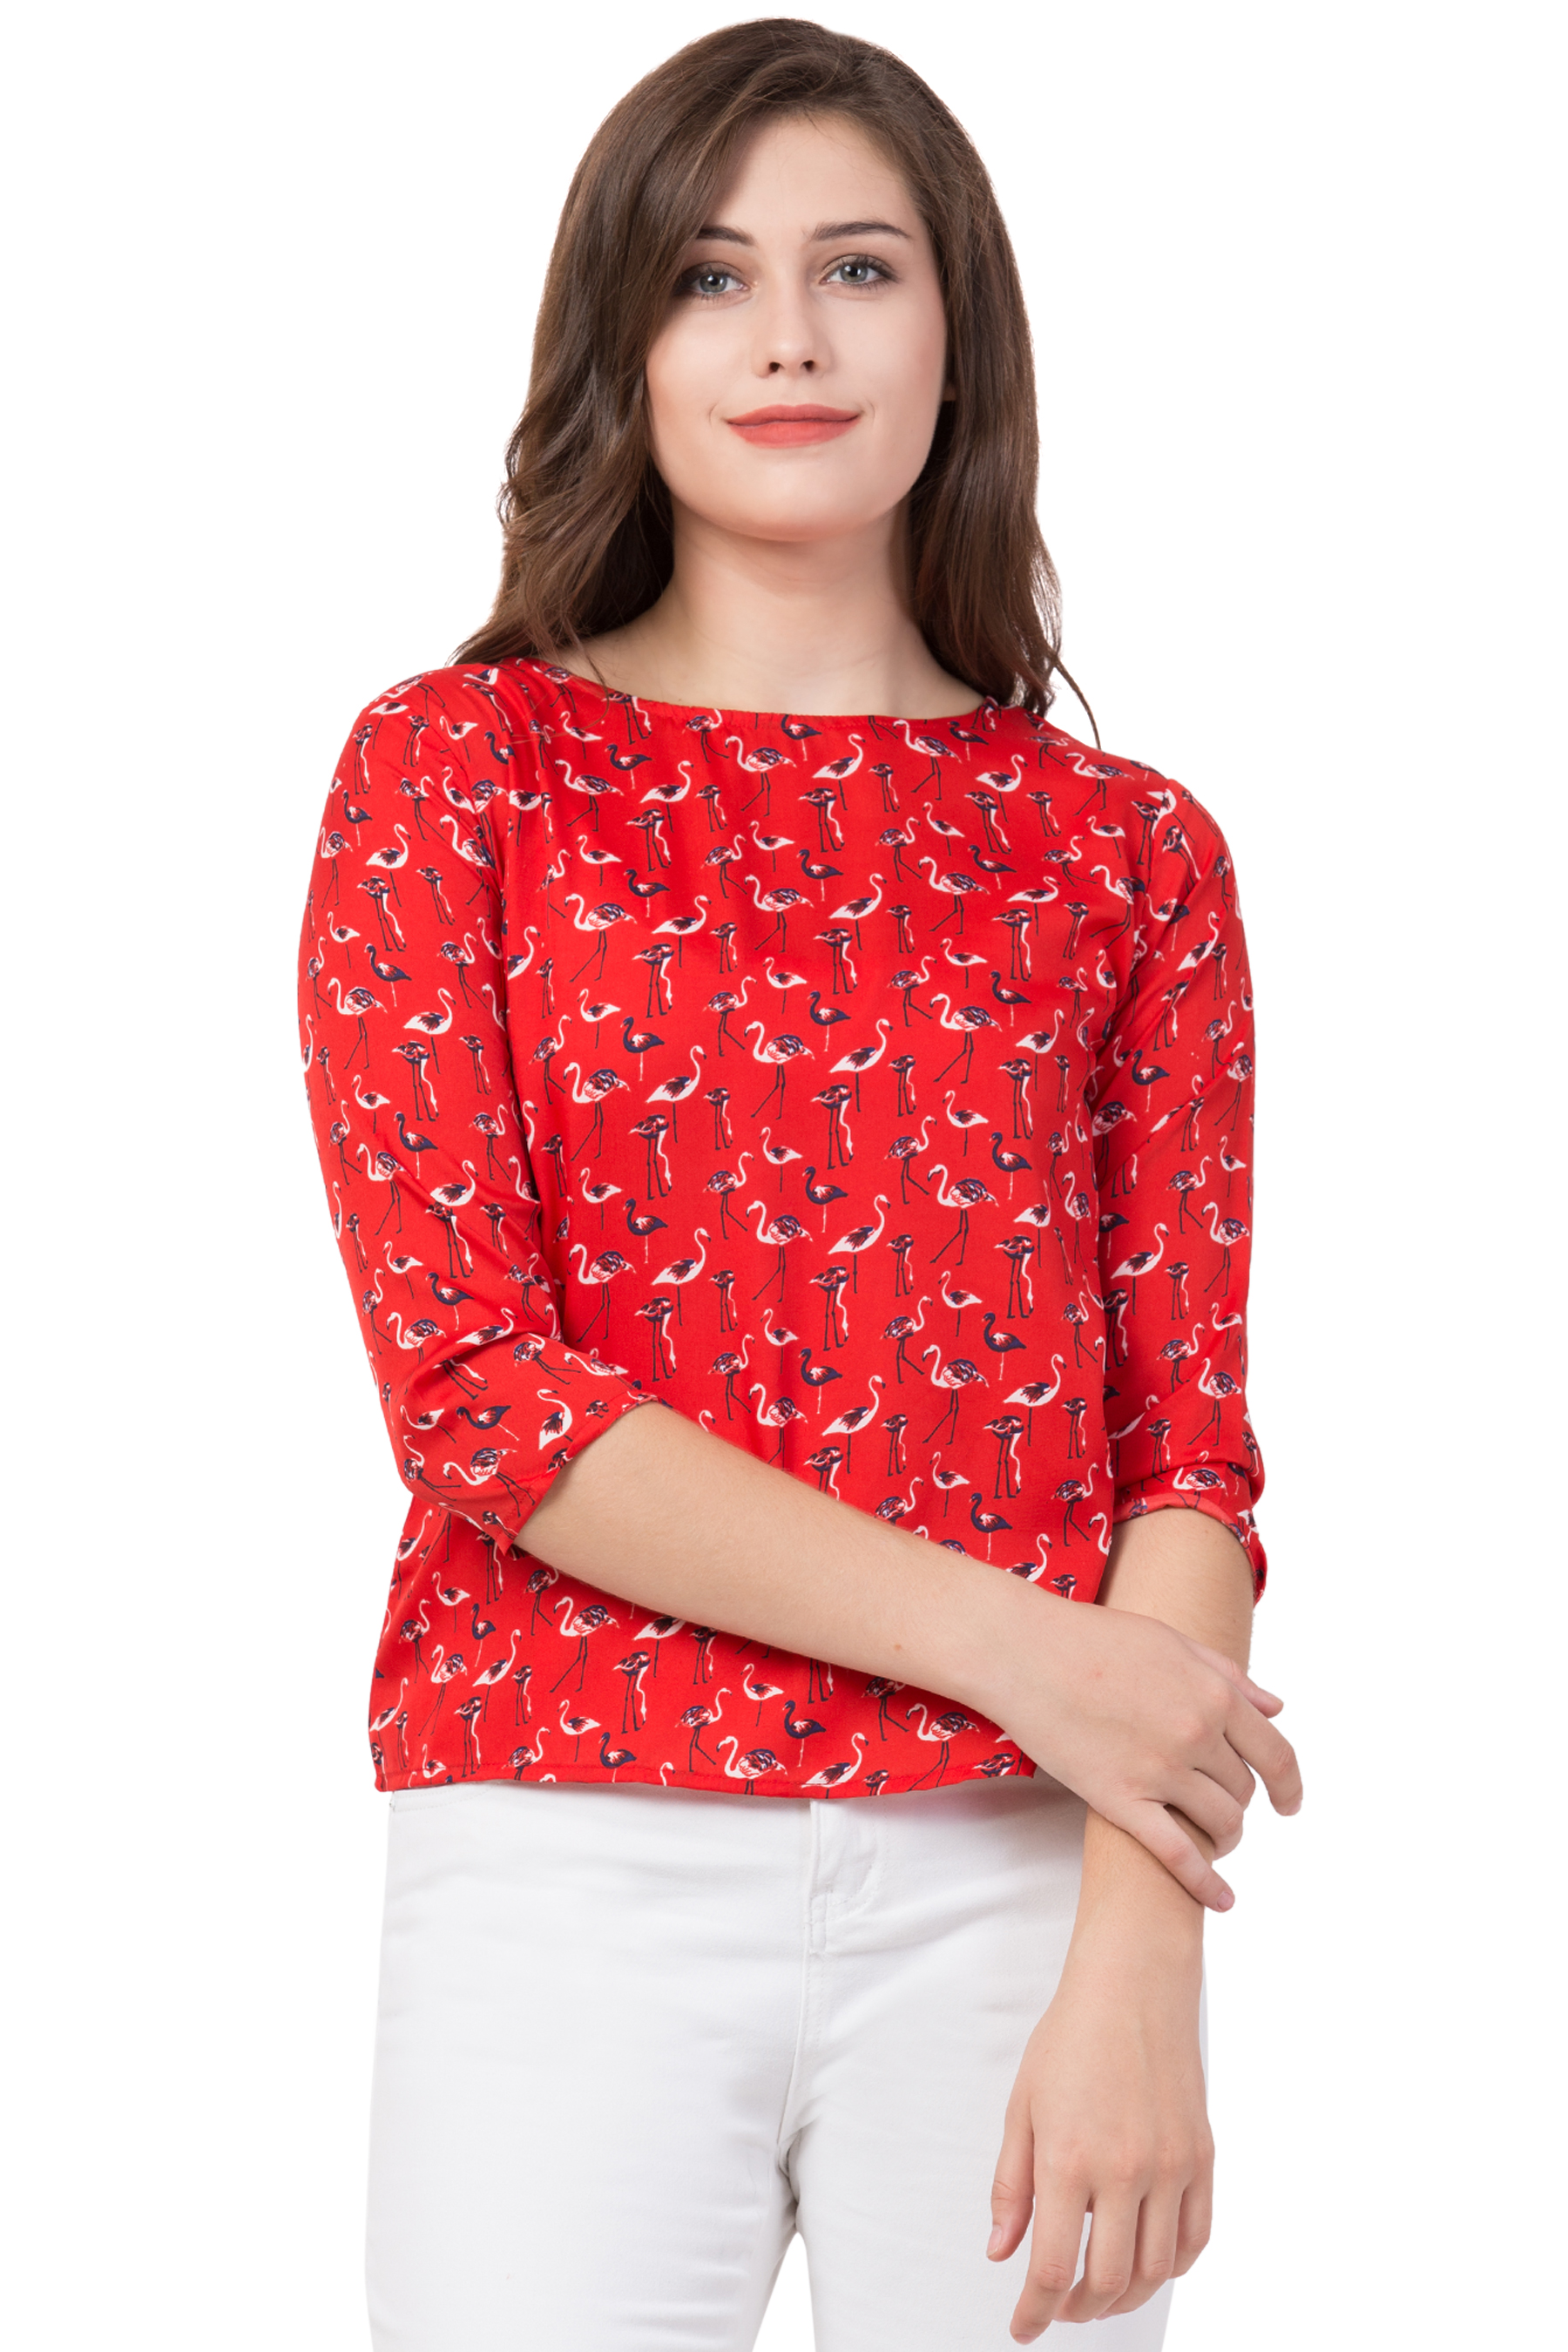 Jollify Women's Printed 3/4 sleev casual top ORANGE